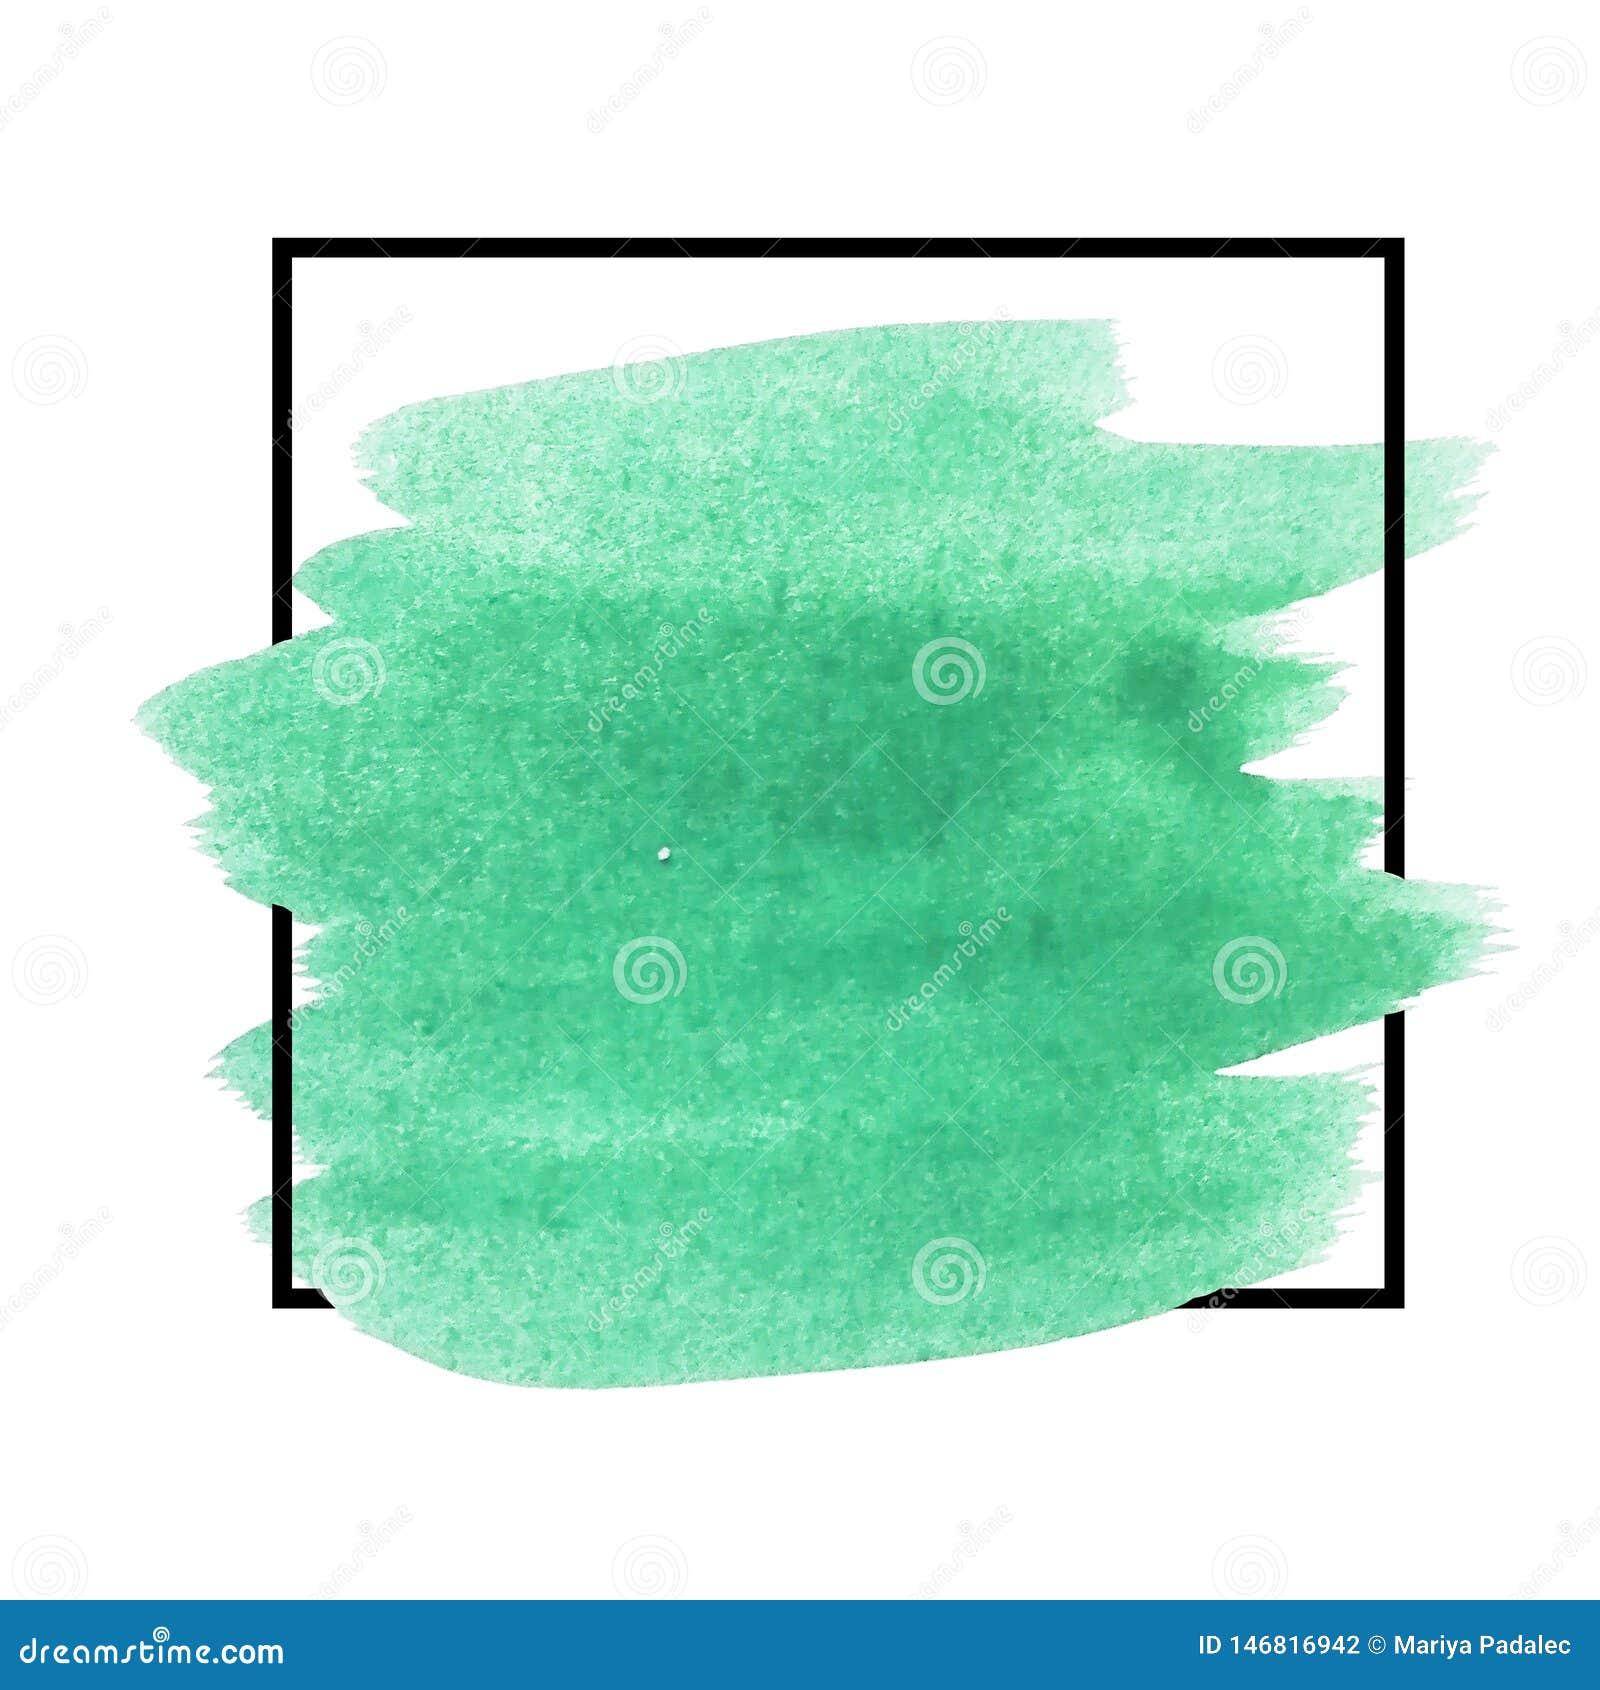 Hintergrund mit Bürstenanschlagaquarell schloss in einem Quadrat ein Ursprüngliche Schmutzkunst-Farbenschablone für Titel, Logo u